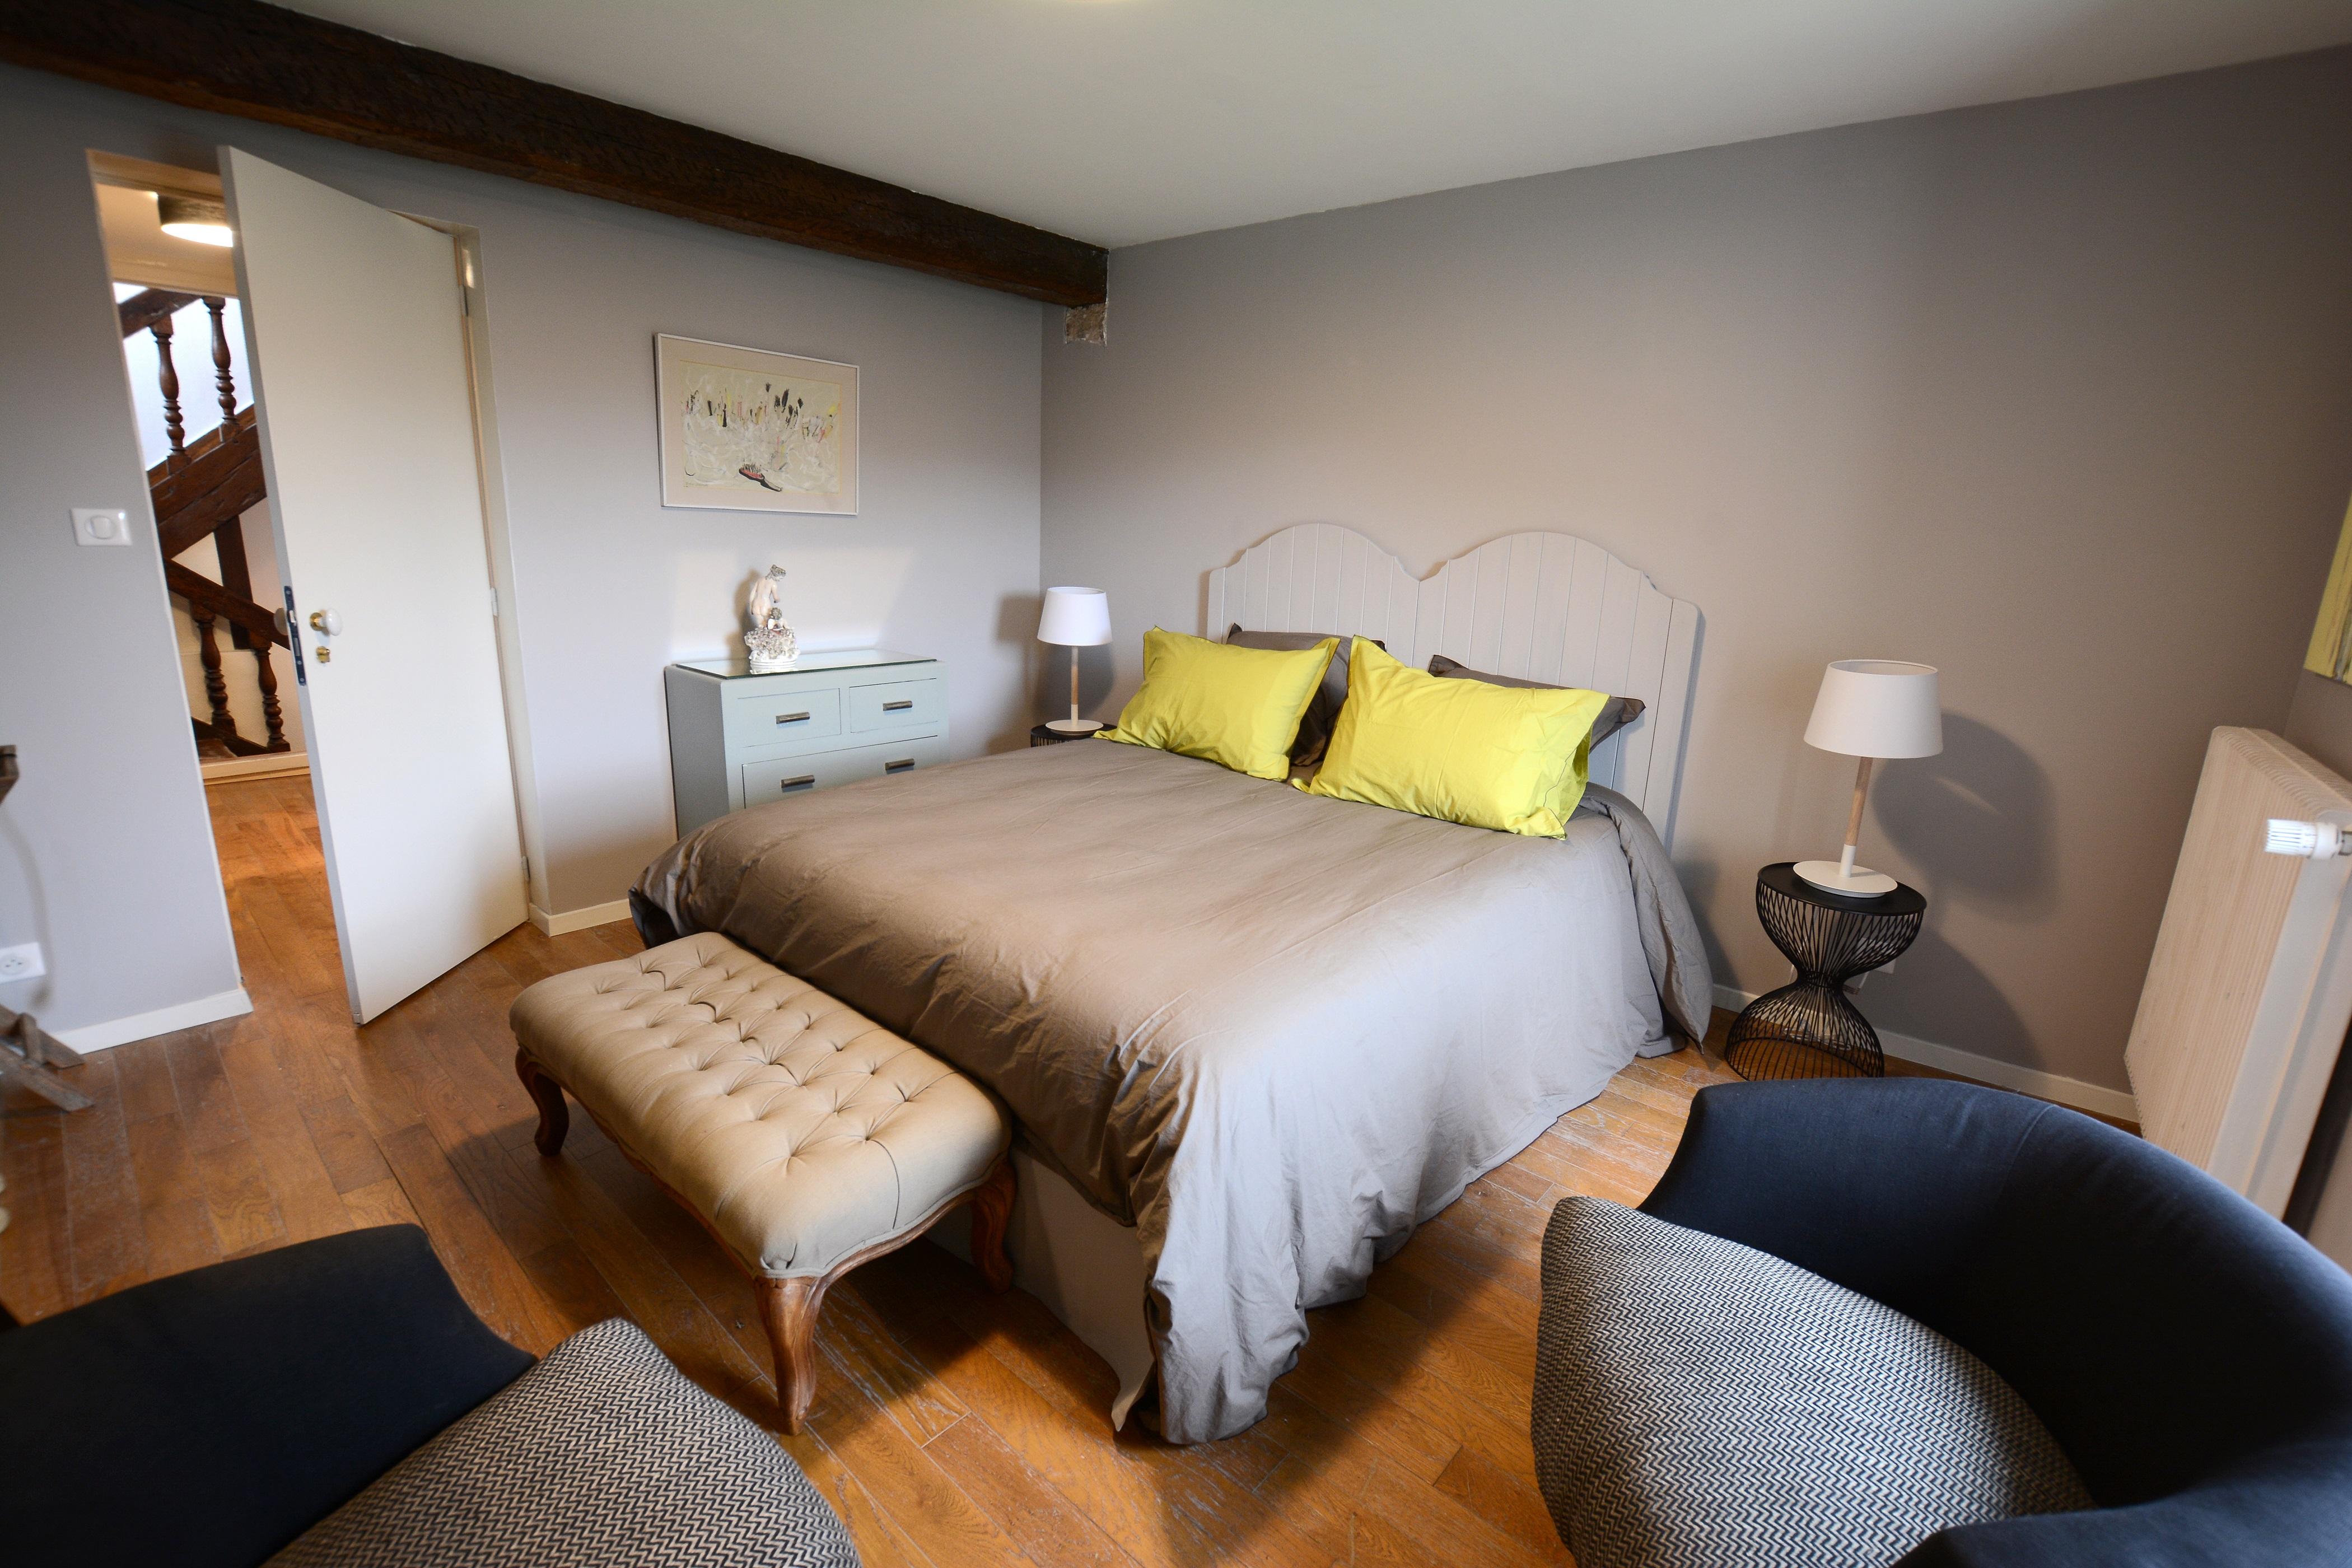 Les chambres saint martin une chambre d 39 hotes dans le for Chambre d hote st martin vesubie